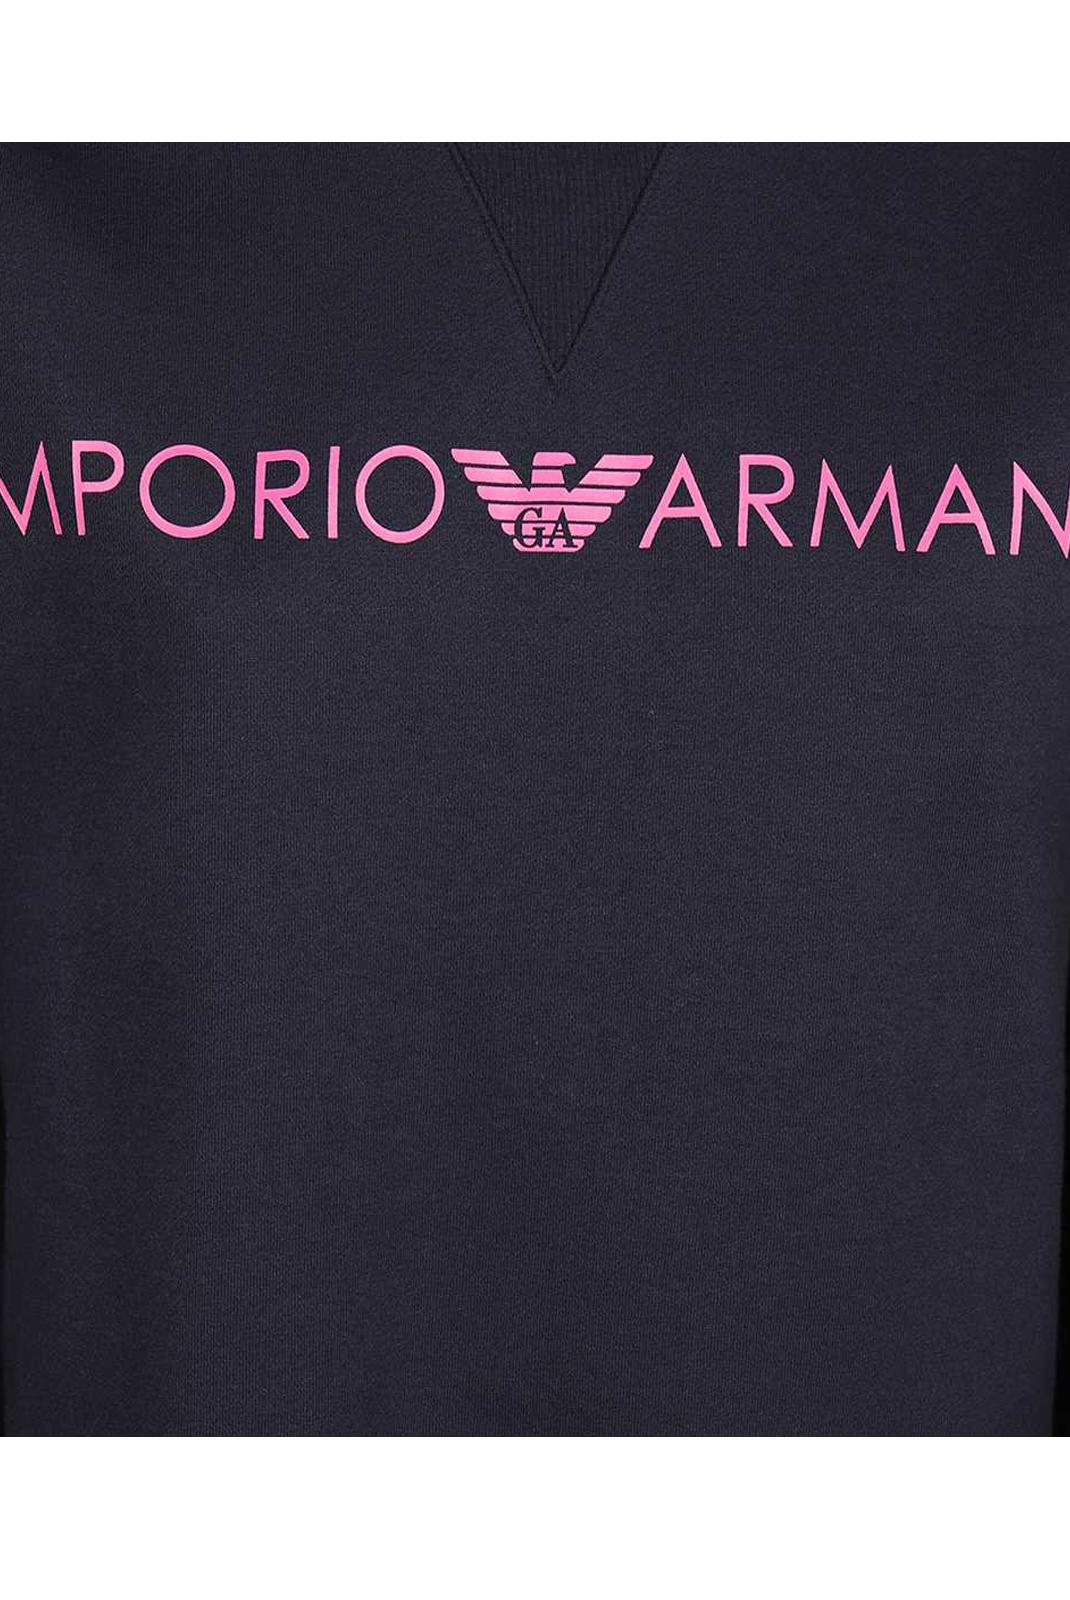 SPORT  Emporio armani 164417 0A250 637